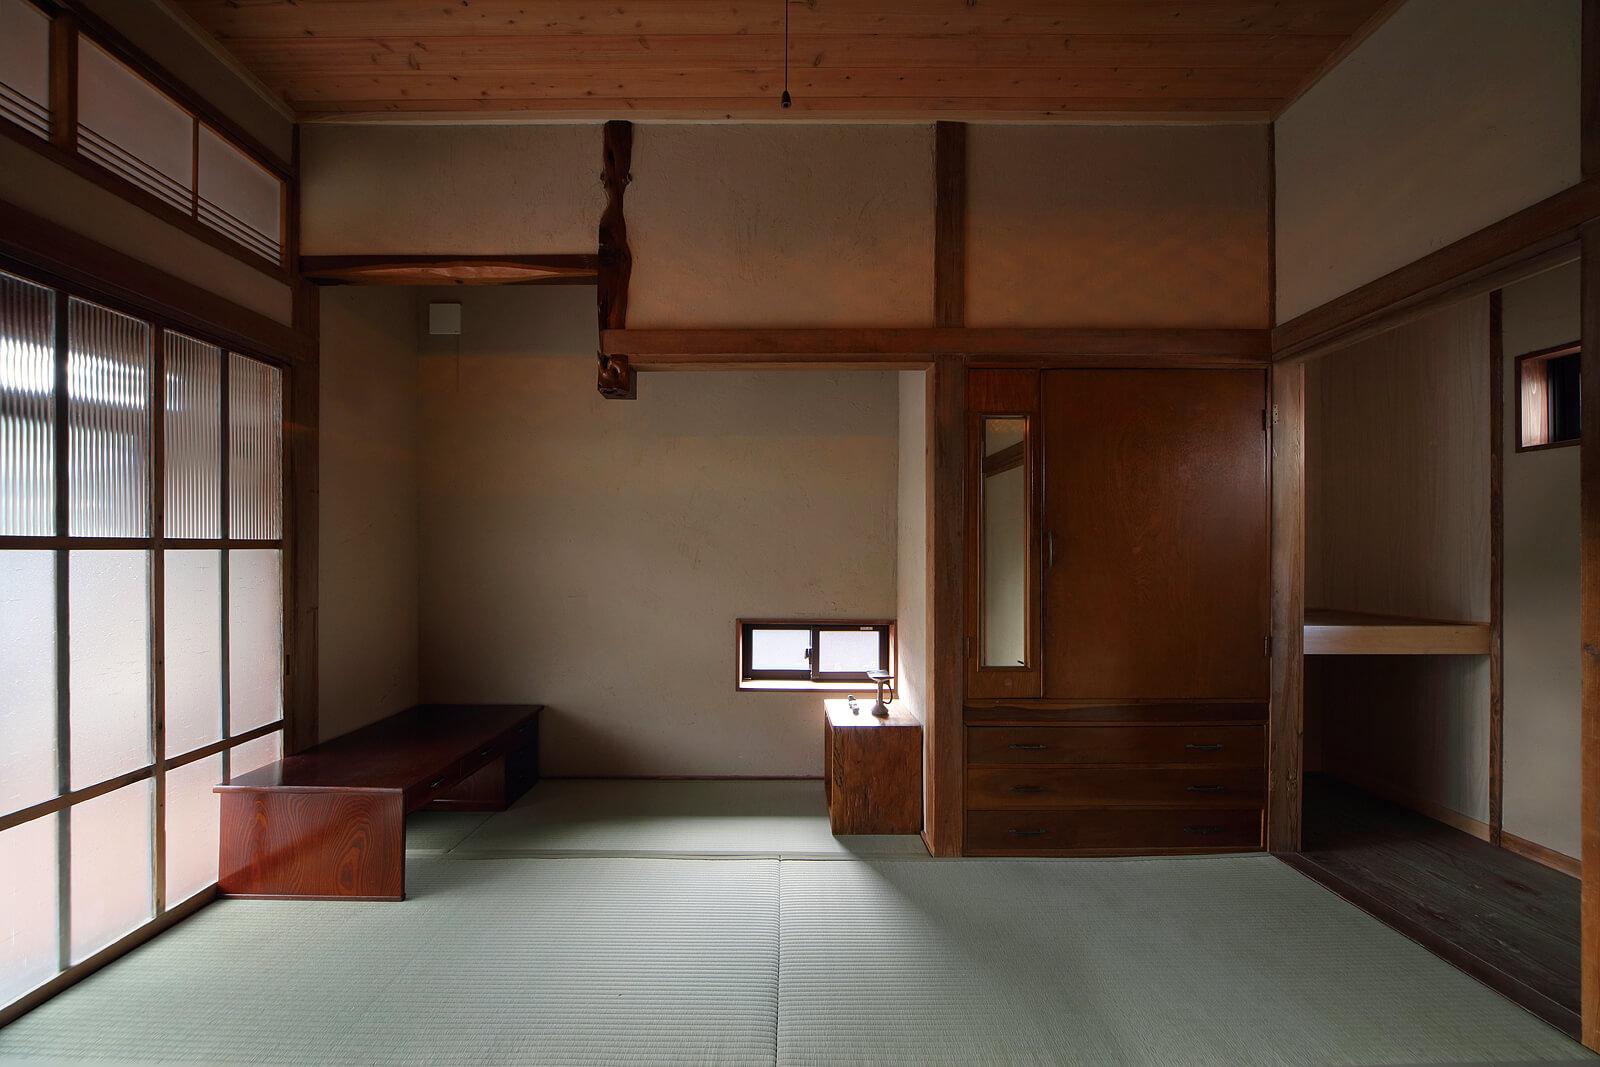 西側和室。元々は続き間だったが、間仕切りをつくってAさんのプライベートルームに